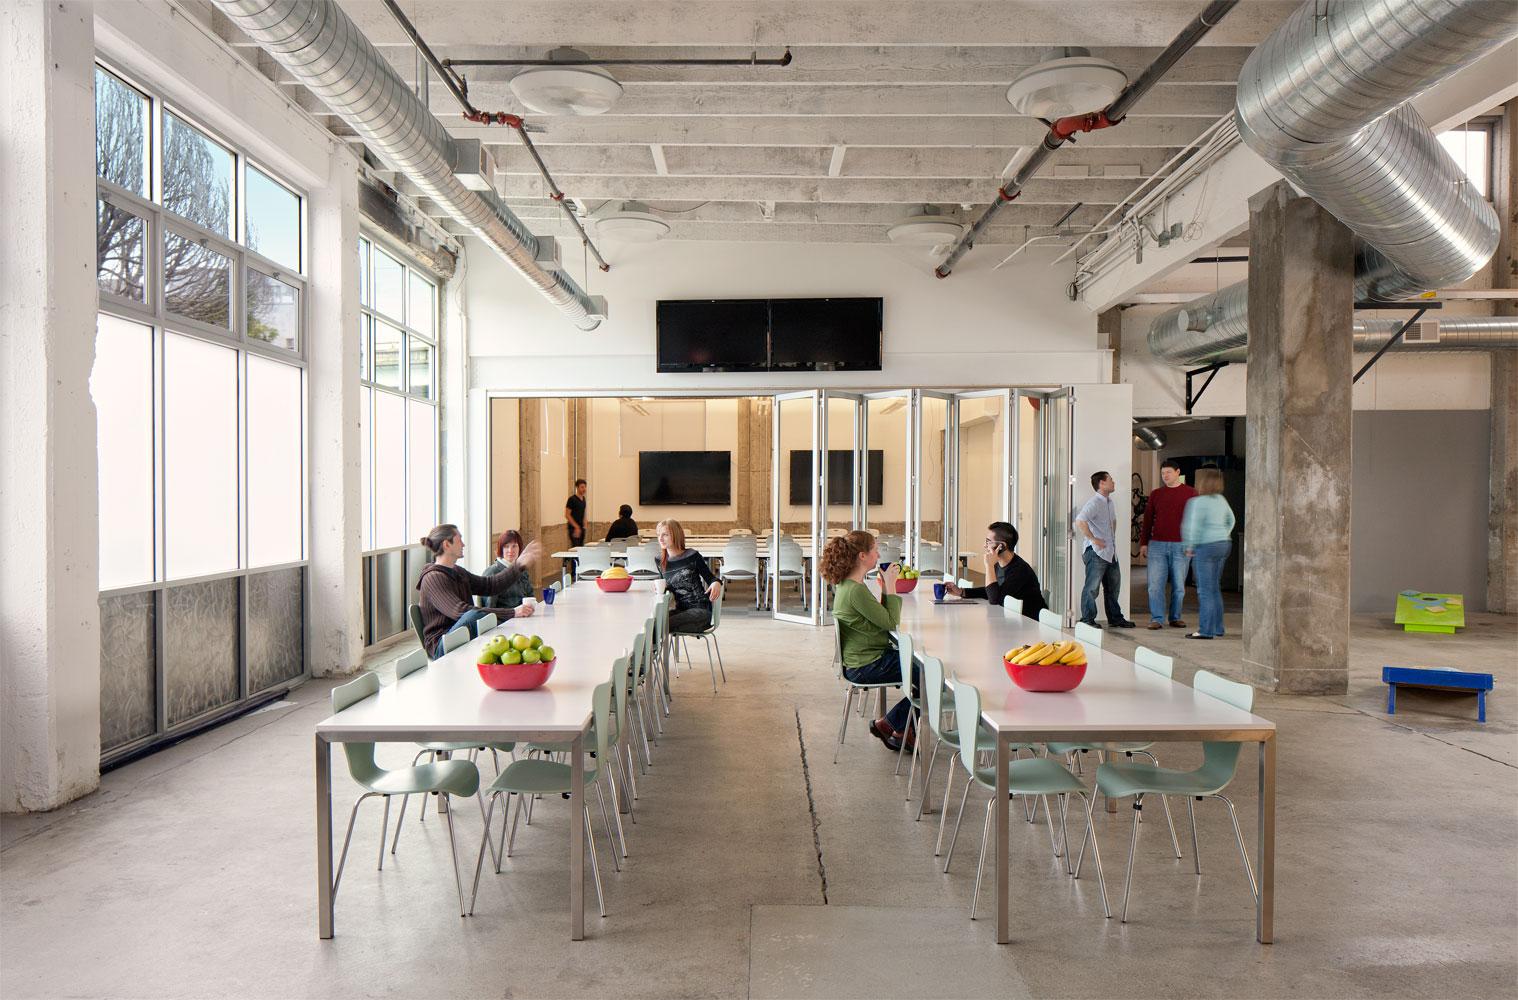 24_Atlassian-II_Dining-Area.jpg